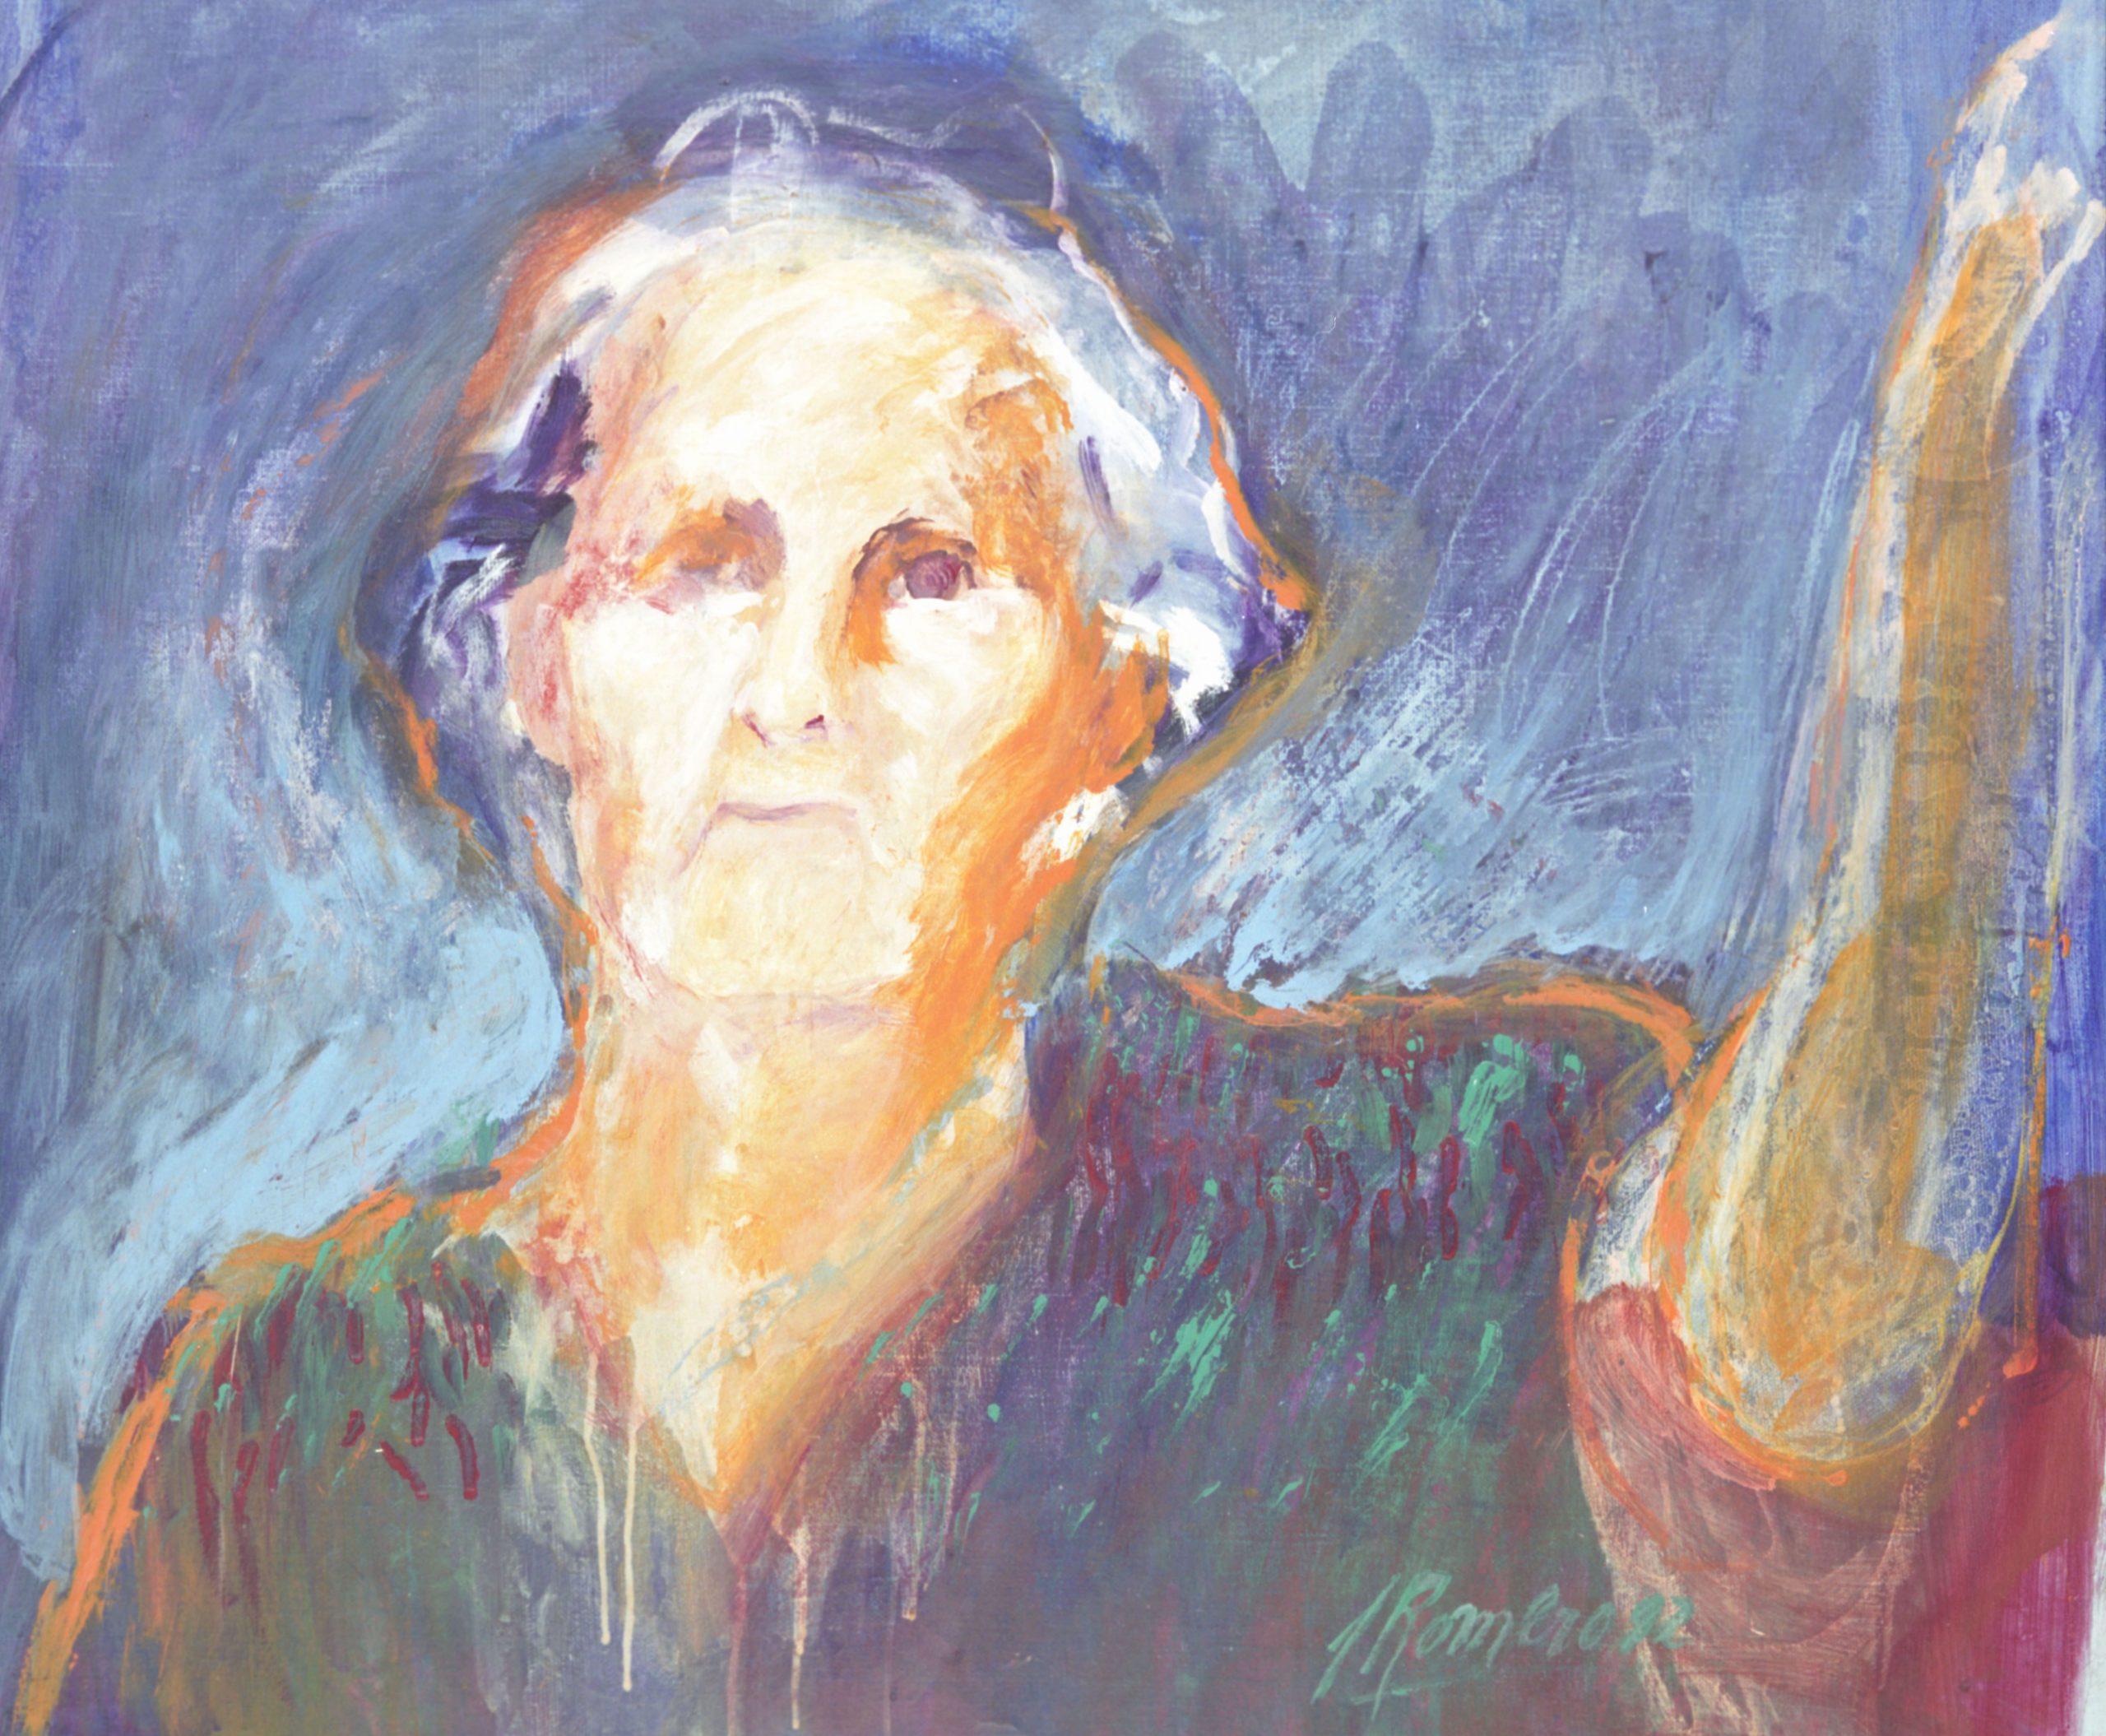 Josefina Plá, retratada por Susana Romero (detalle). Colección CAV/Museo del Barro (Gentileza CCEJS)